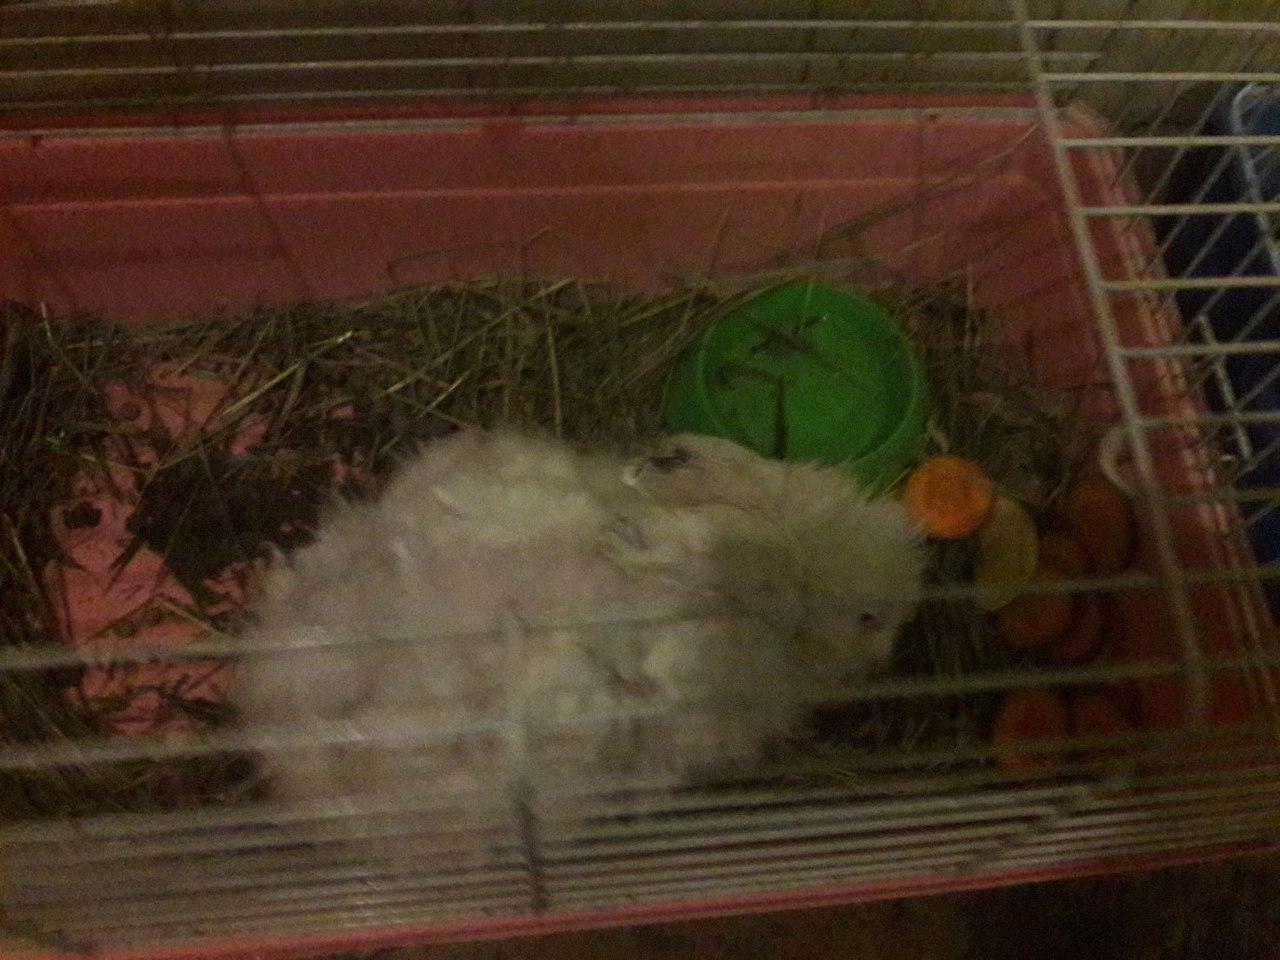 Кролик постарел, и хозяева отдали его в зоопарк! Но там с бедным грызуном случилась история